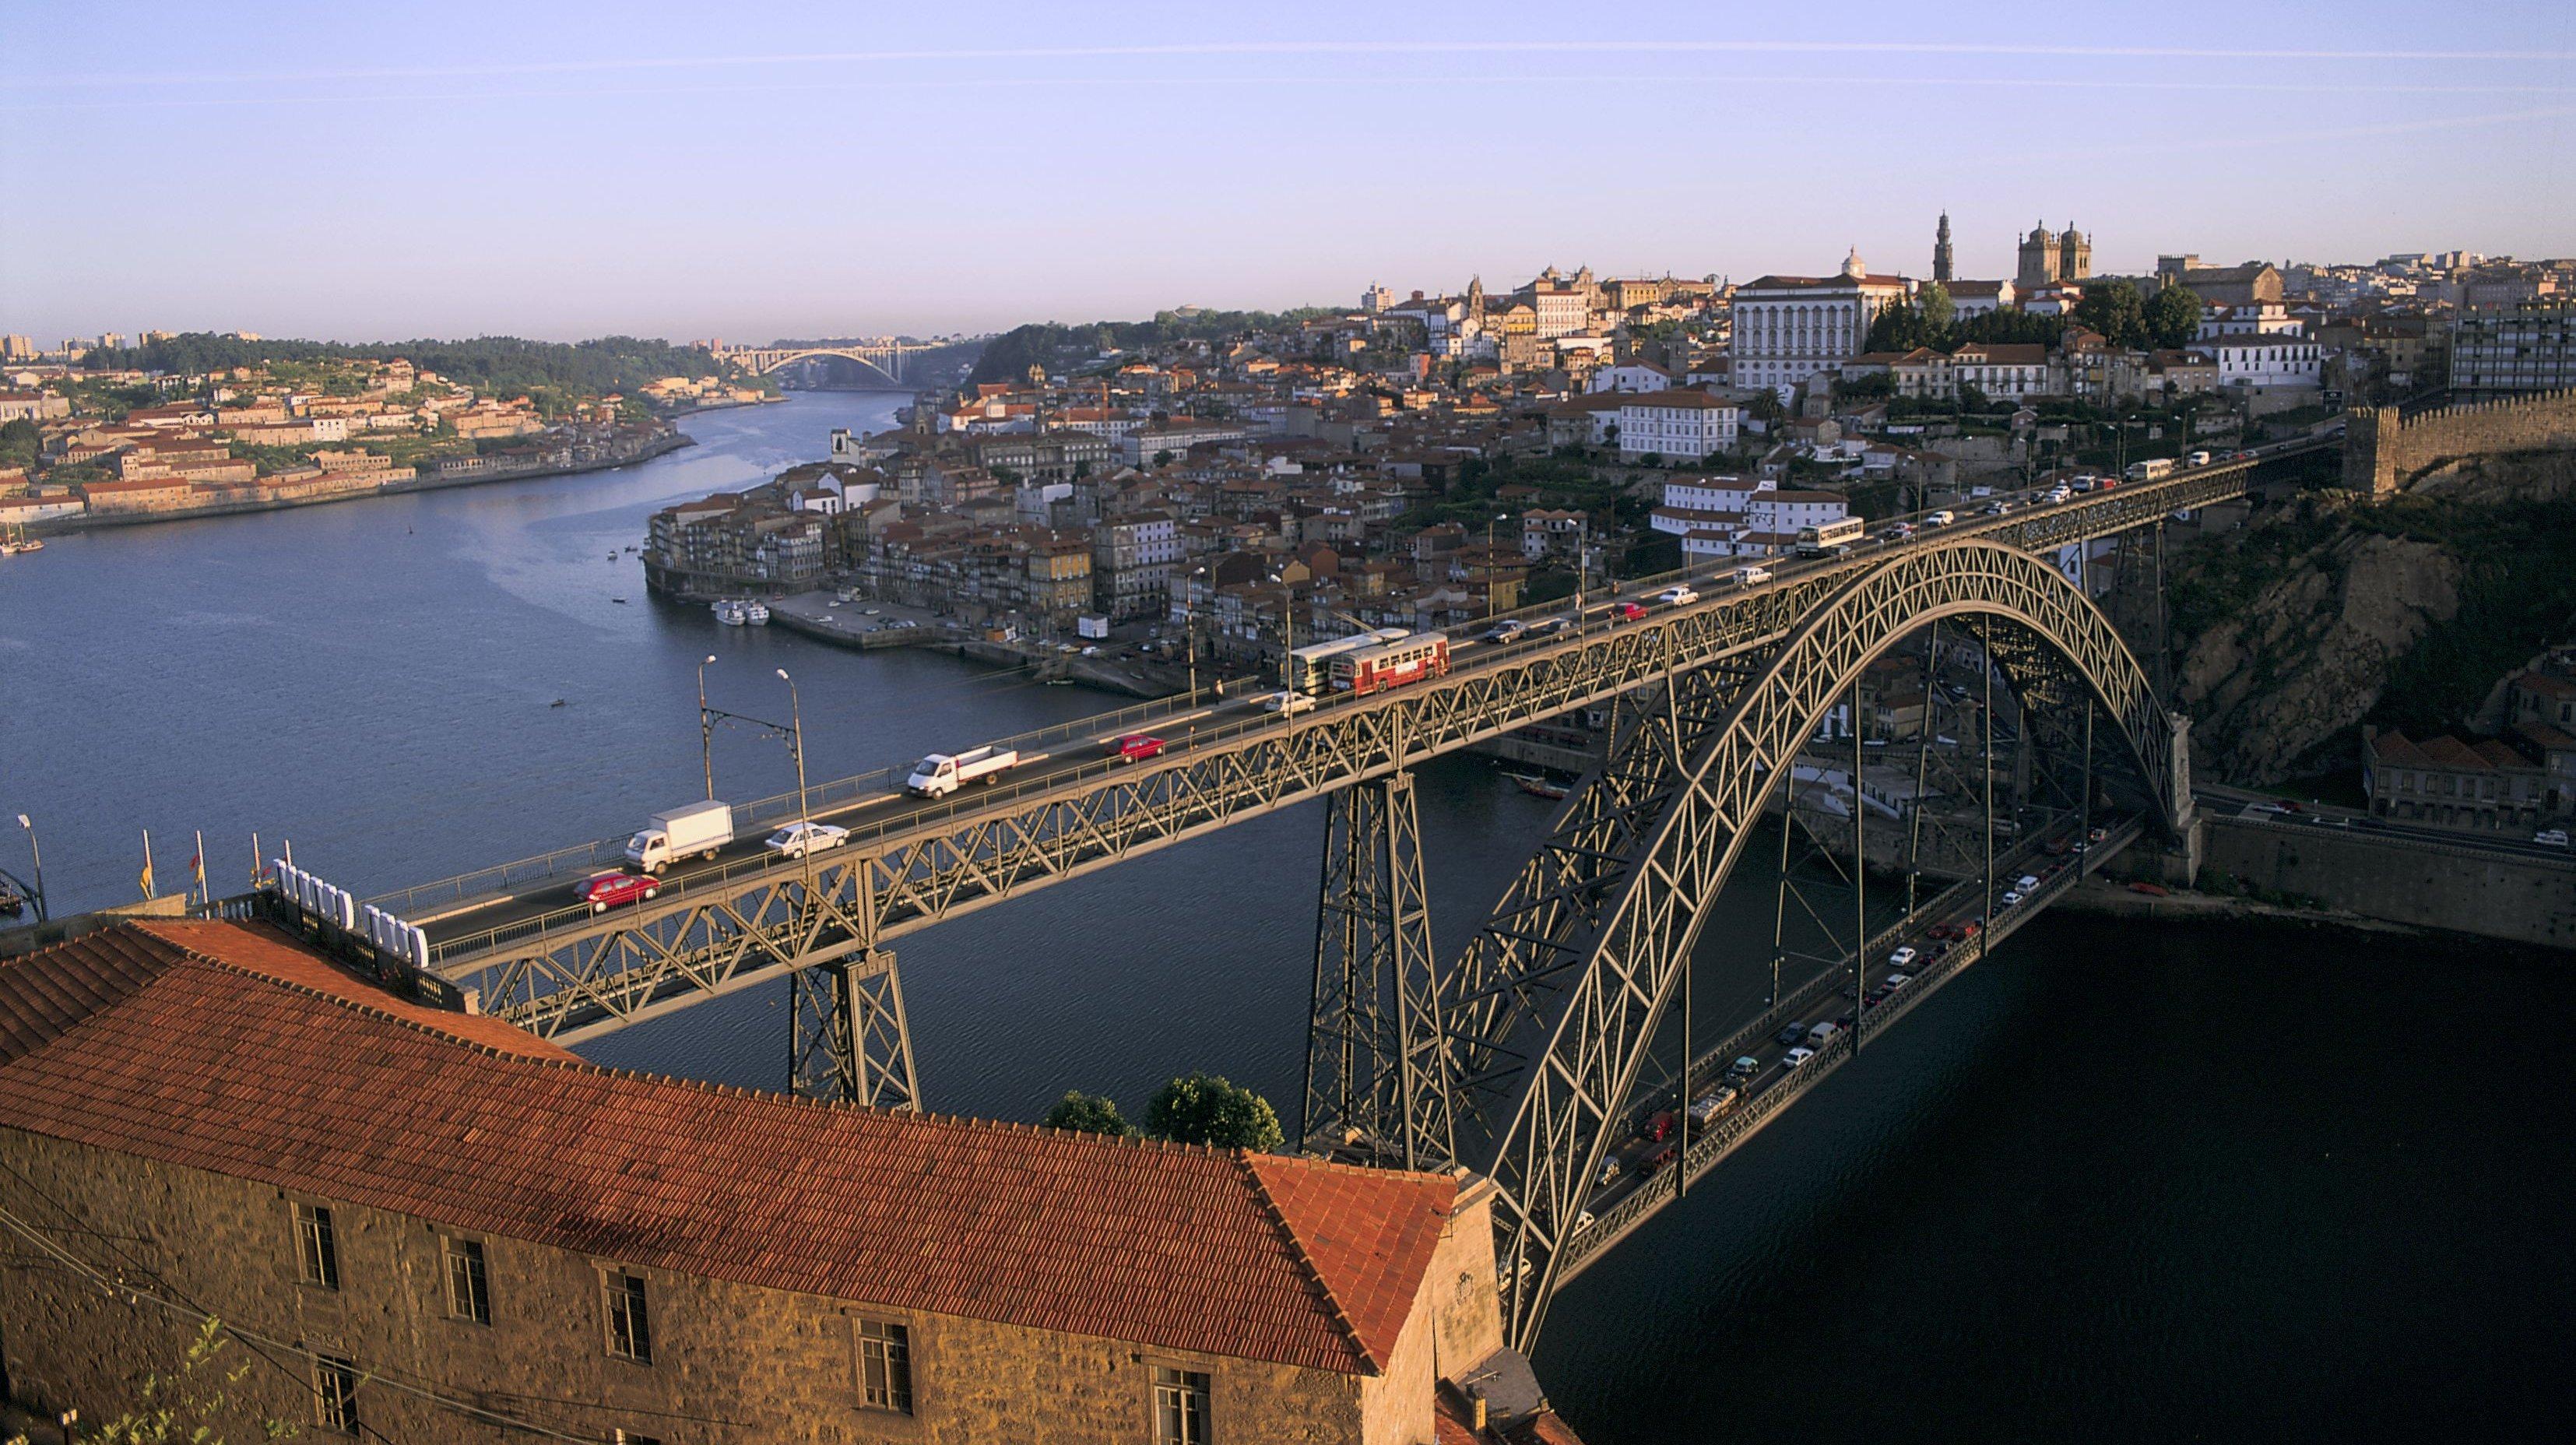 Portugal, Douro River, Porto